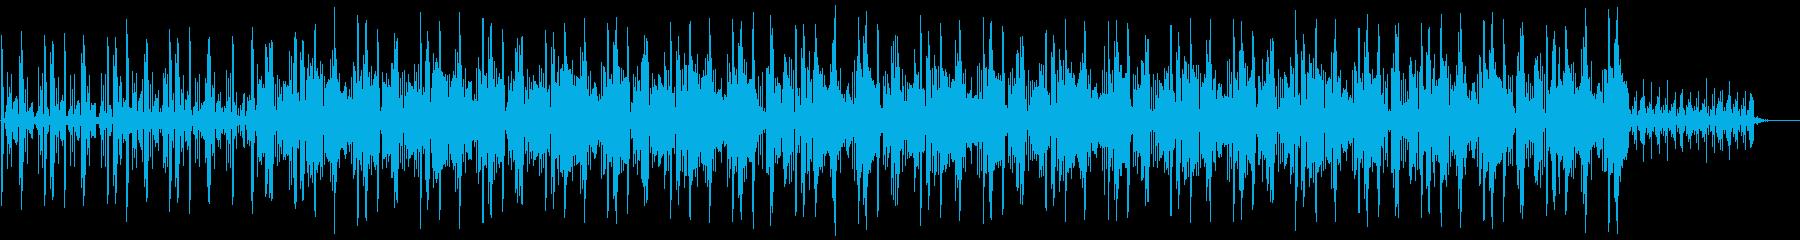 チルアウト ジャズ ローファイの再生済みの波形